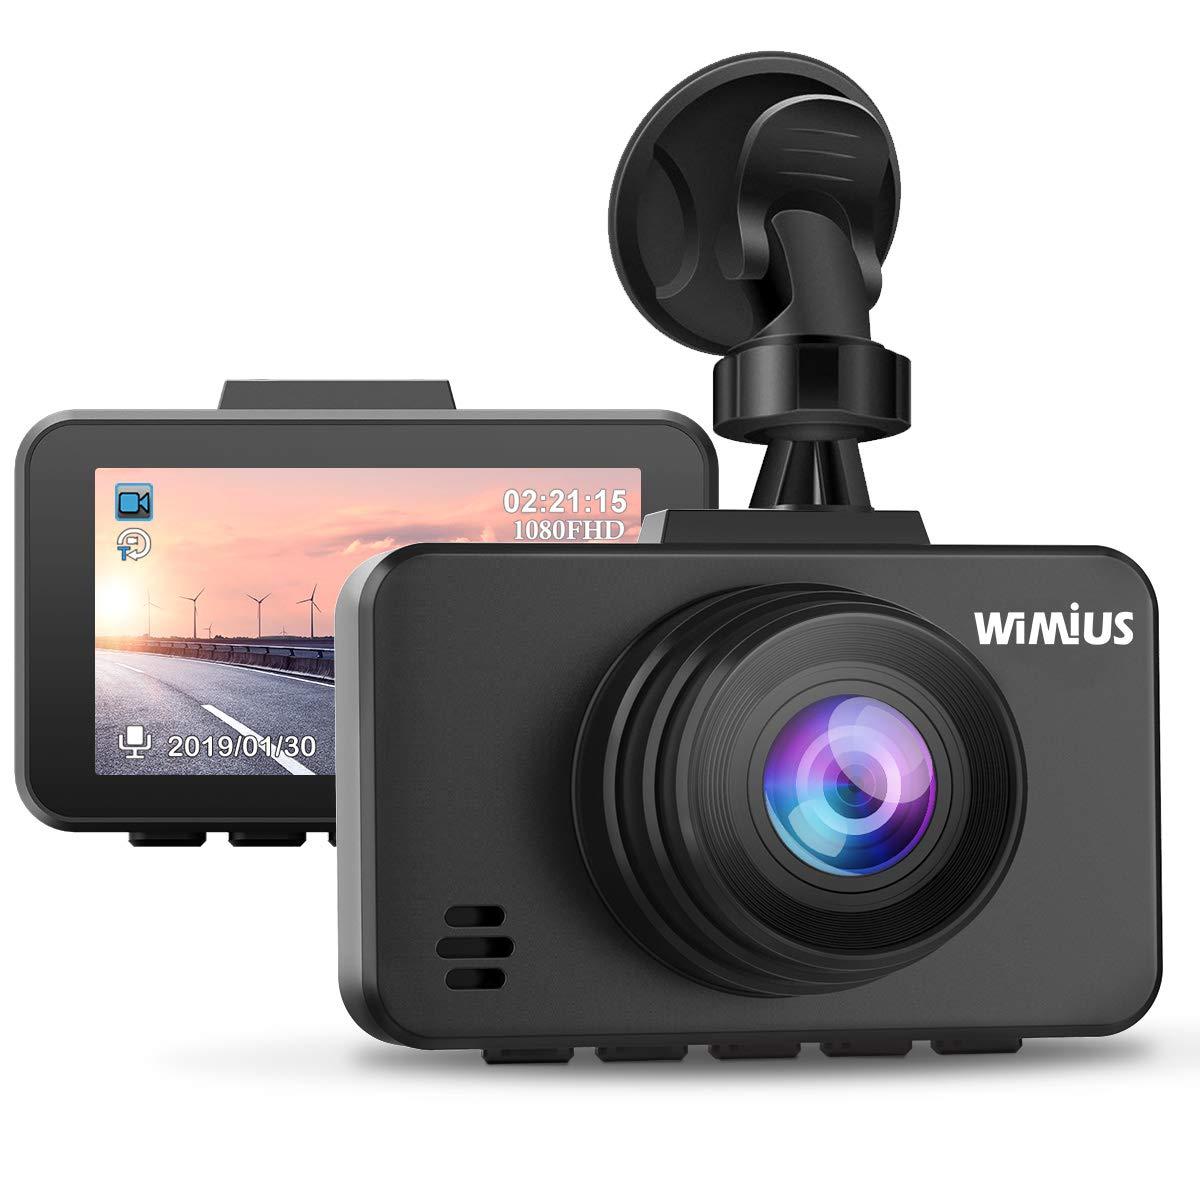 Foto & Camcorder Apeman Dashcam Auto Kamera SorgfäLtig AusgewäHlte Materialien